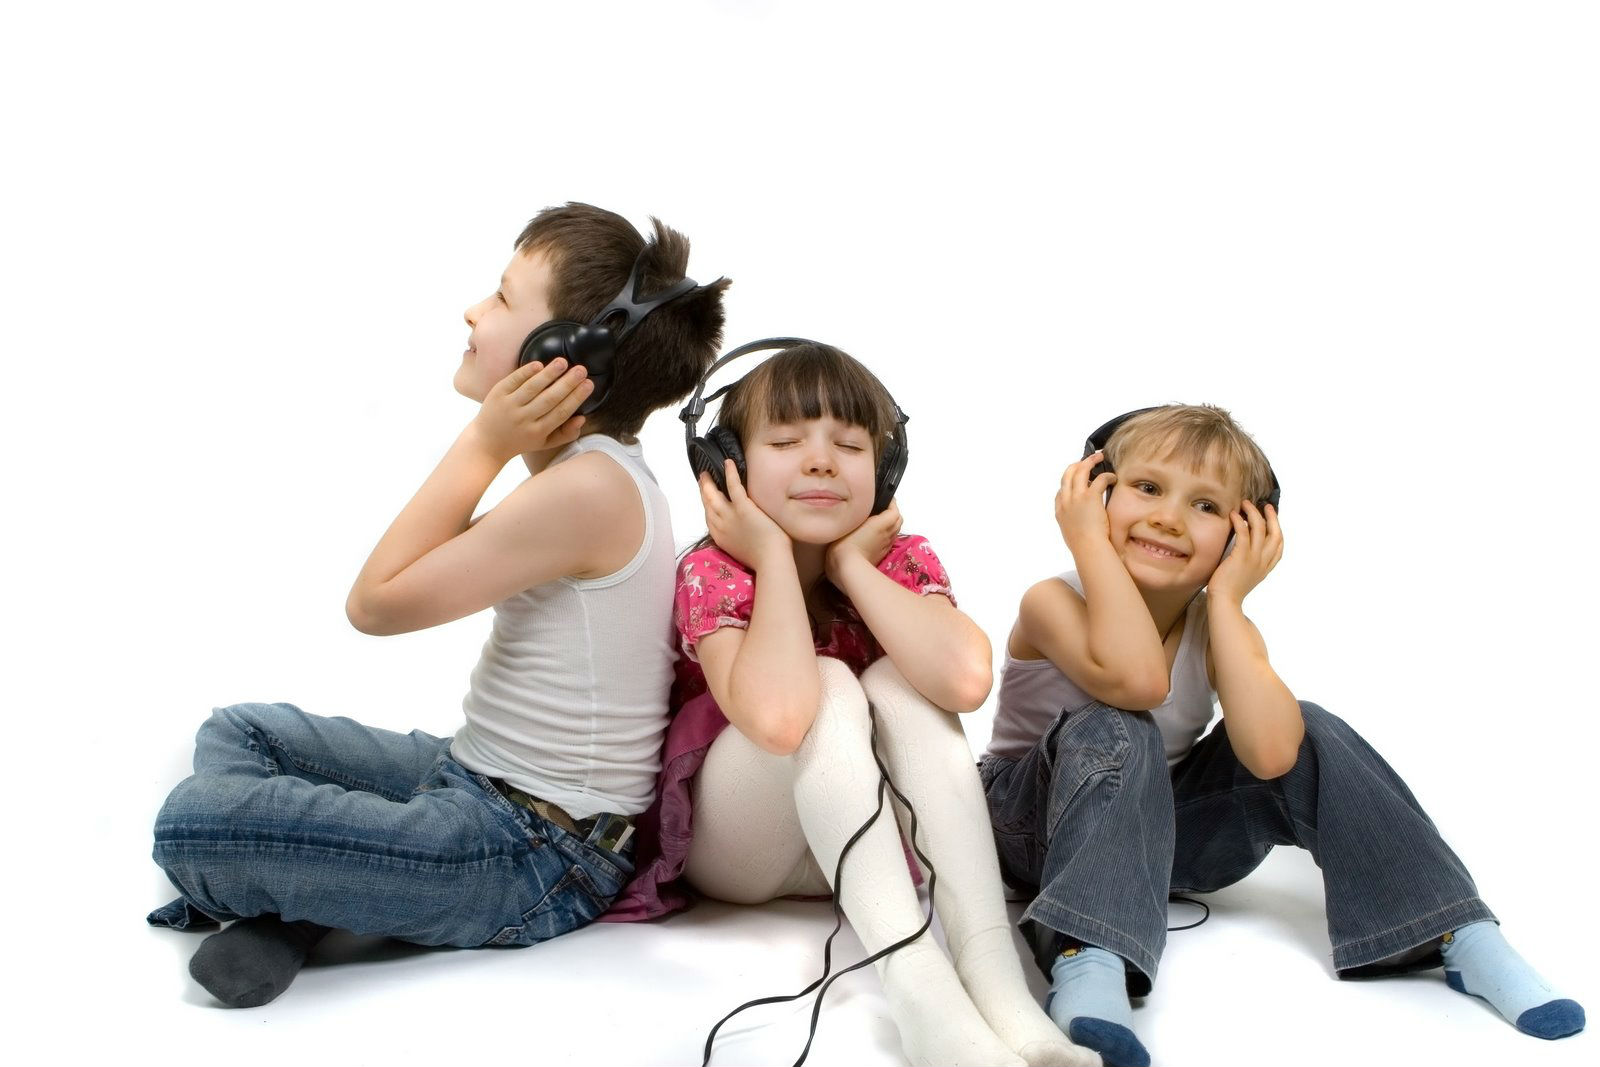 kids-listning-music-tecake